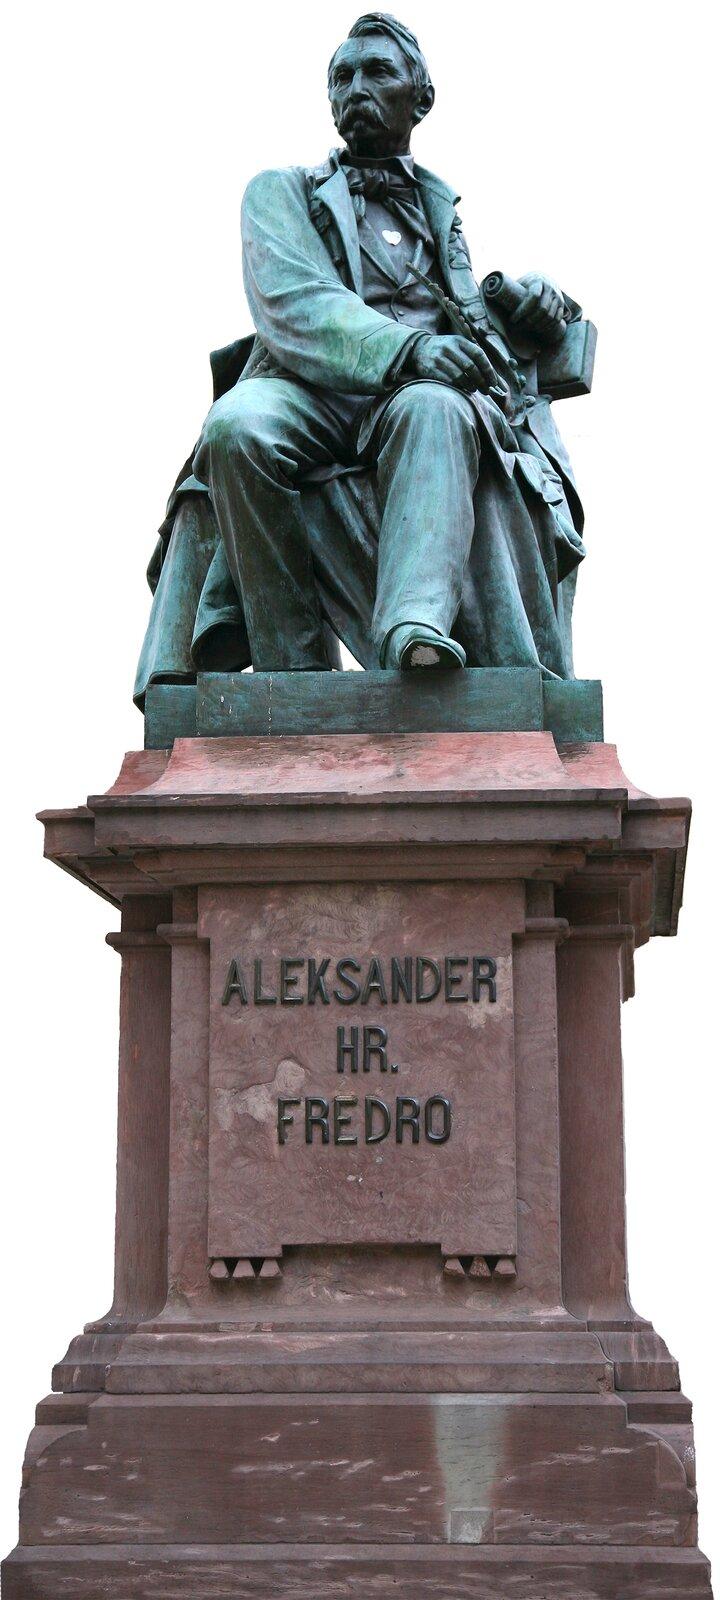 Leonard Marconi, pomnik Aleksandra Fredry, 1879; tu: zdjęcie zWrocławia Leonard Marconi, pomnik Aleksandra Fredry, 1879; tu: zdjęcie zWrocławia Źródło: Małgorzata Skibińska, Contentplus.pl sp. zo.o., fotografia barwna, licencja: CC BY 3.0.